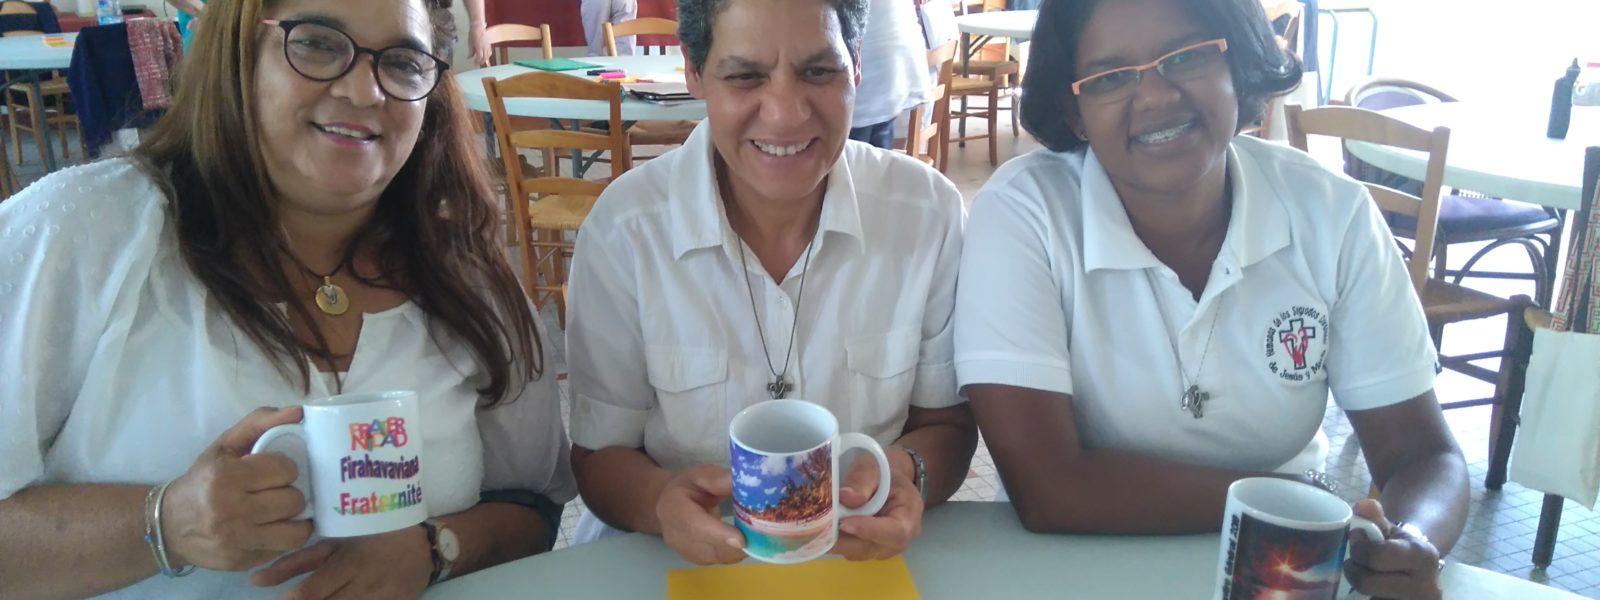 La taza*